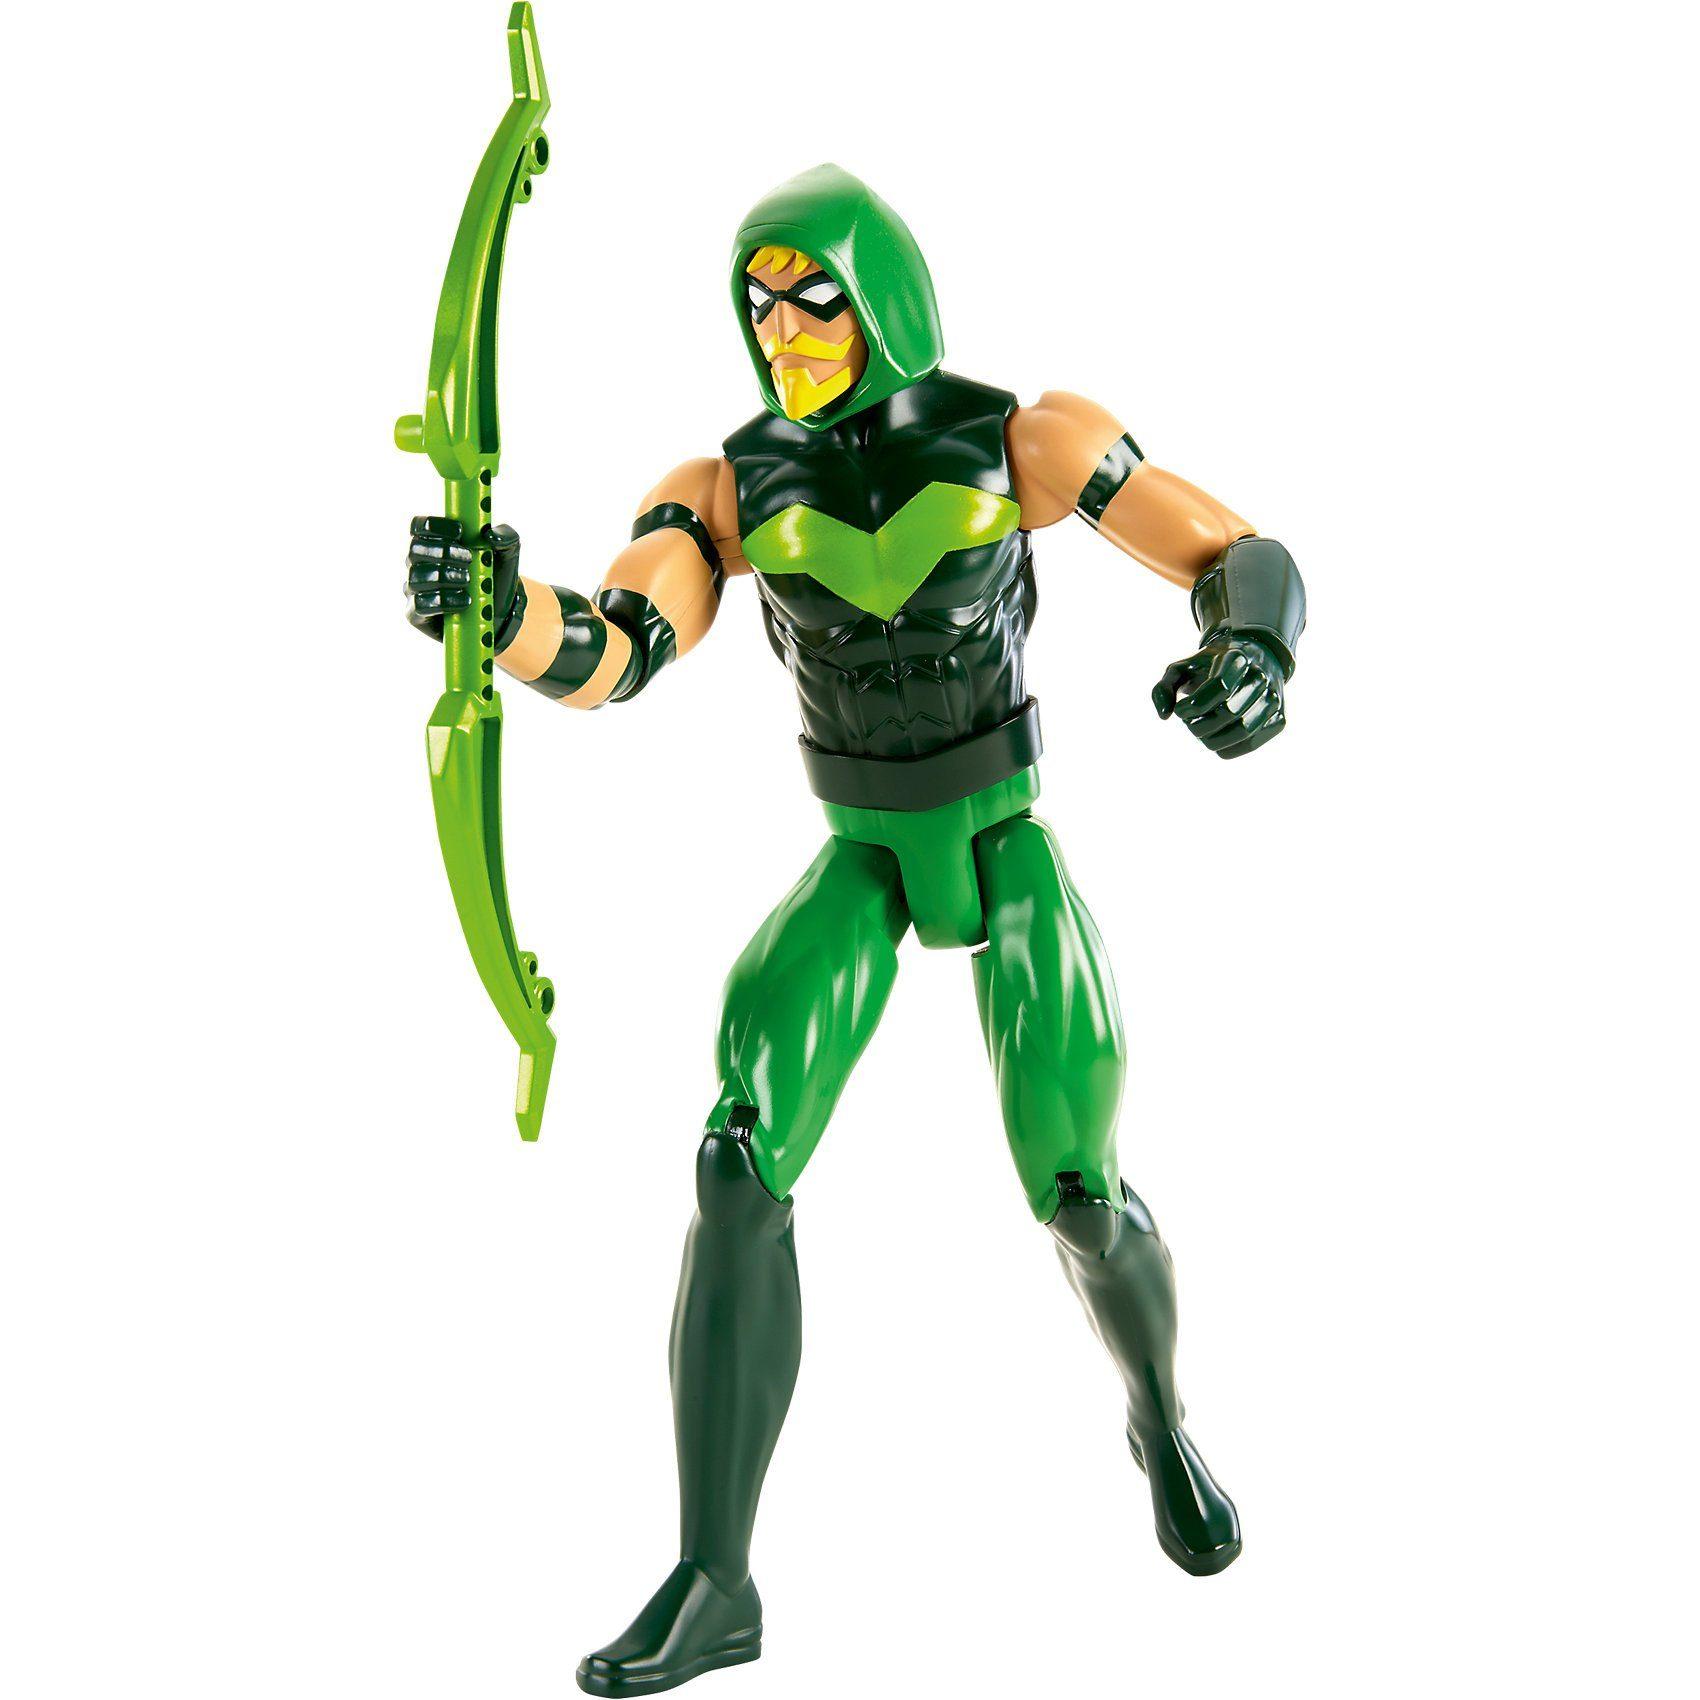 Mattel® DC Justice League Basis-Figur Green Arrow (30 cm)